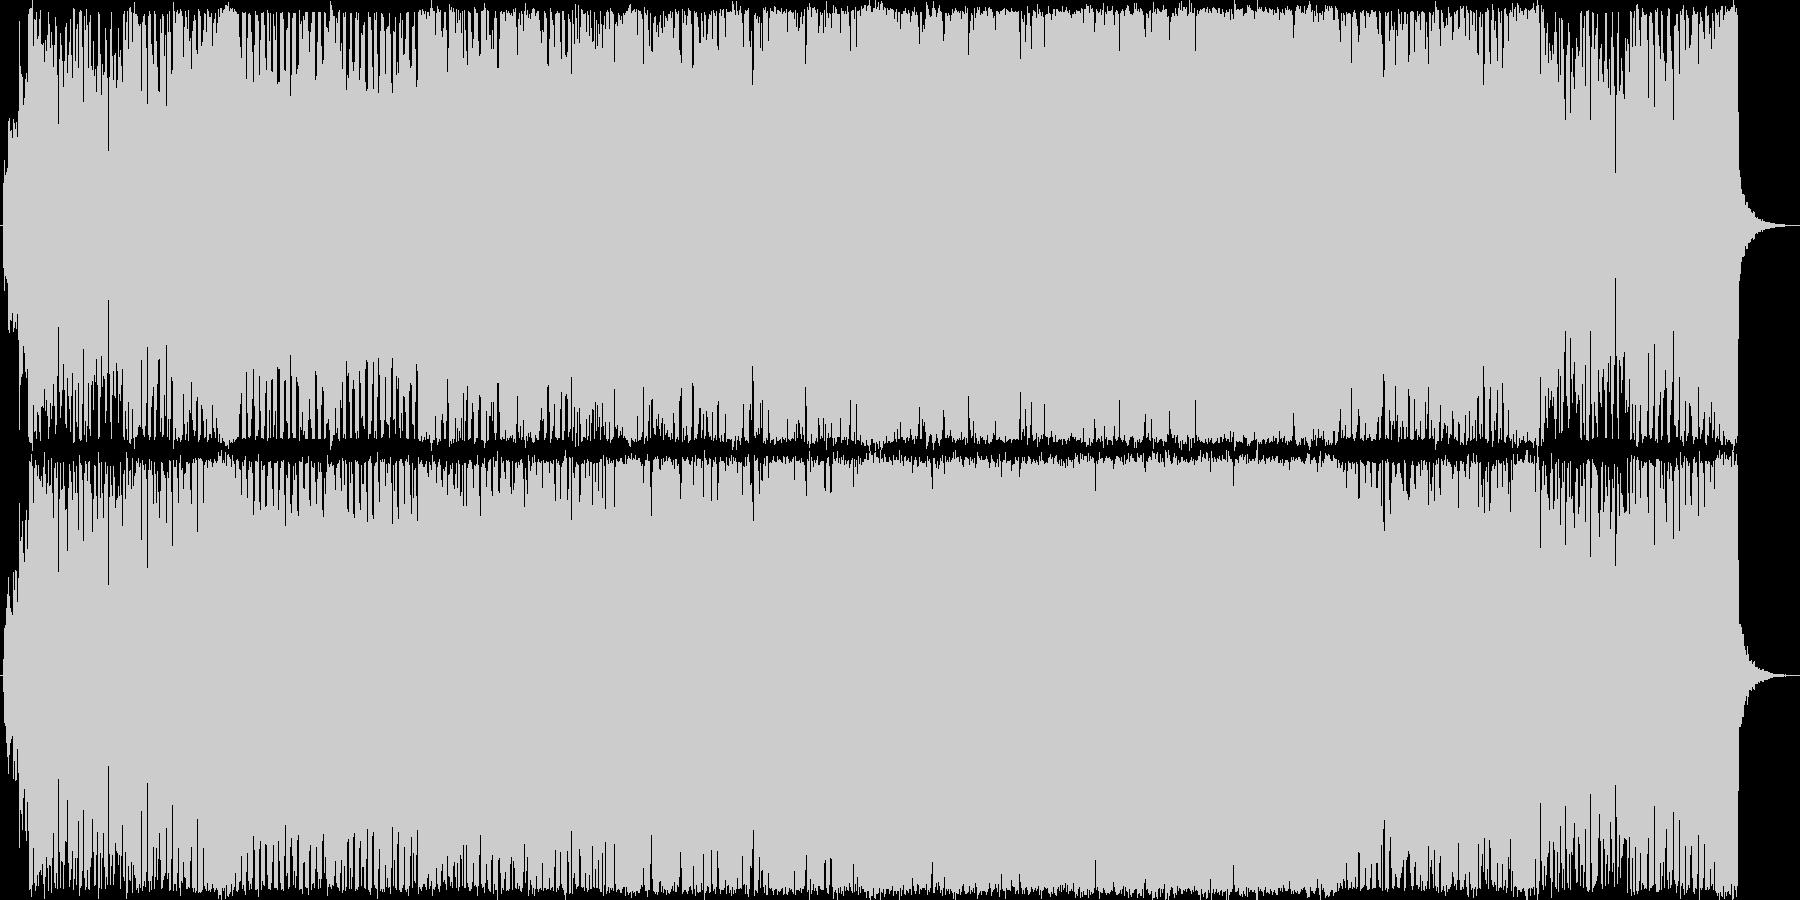 シンセメインの疾走感溢れるデジタルな曲の未再生の波形